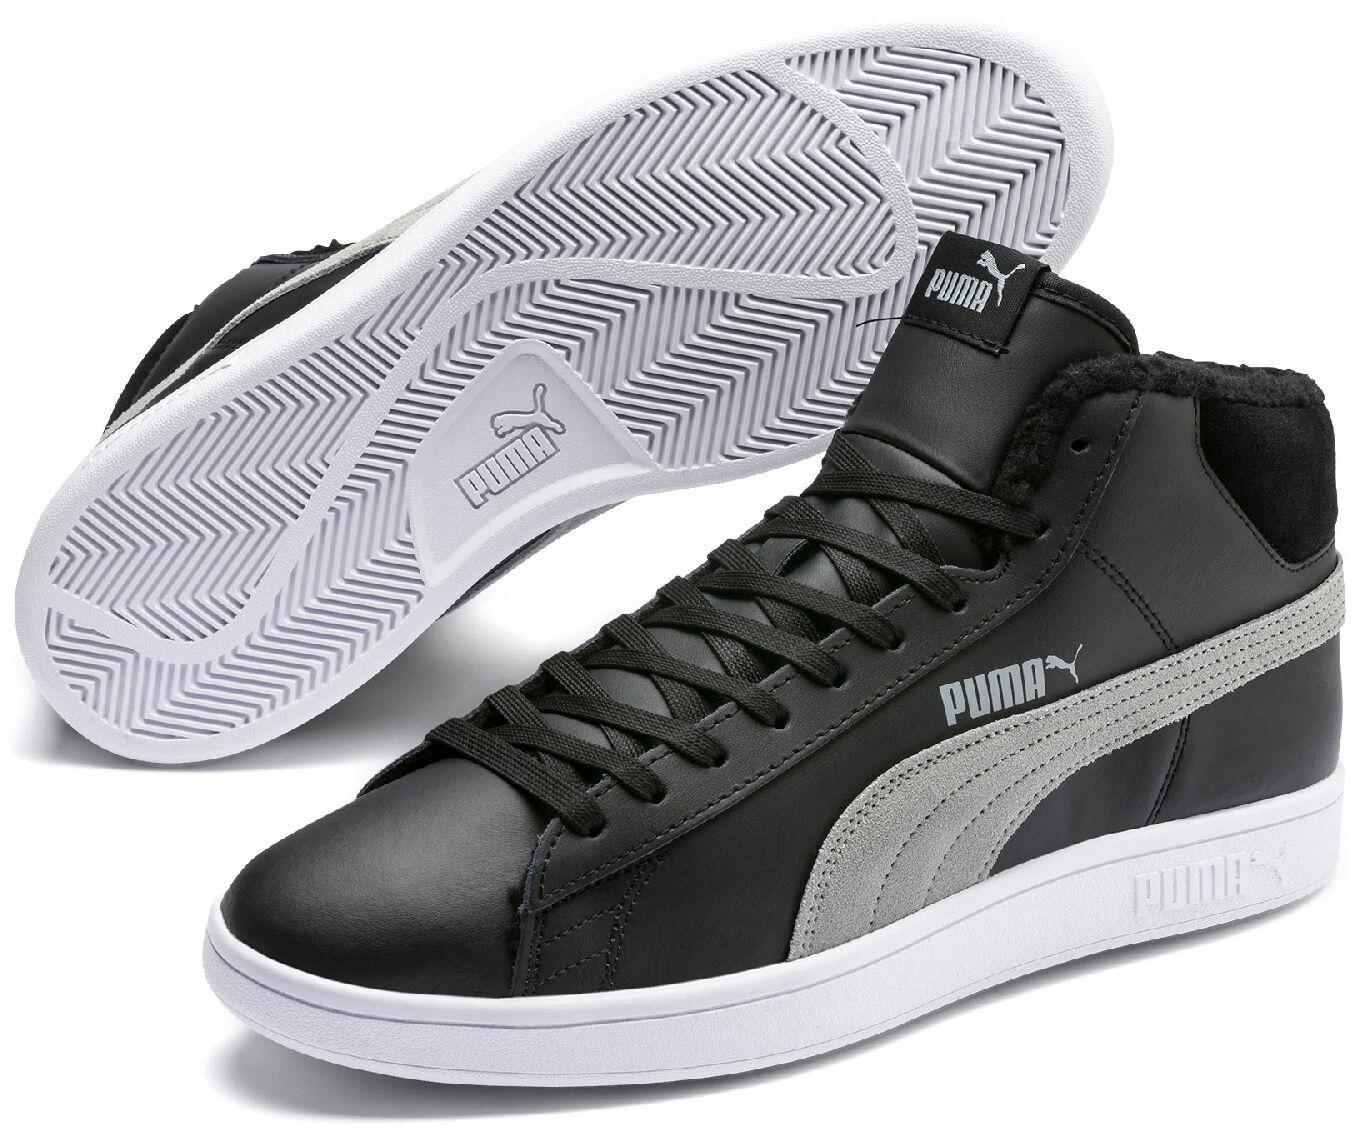 dk SneakersDamer Intersport Puma Køb Dame vm8Oyn0Nw